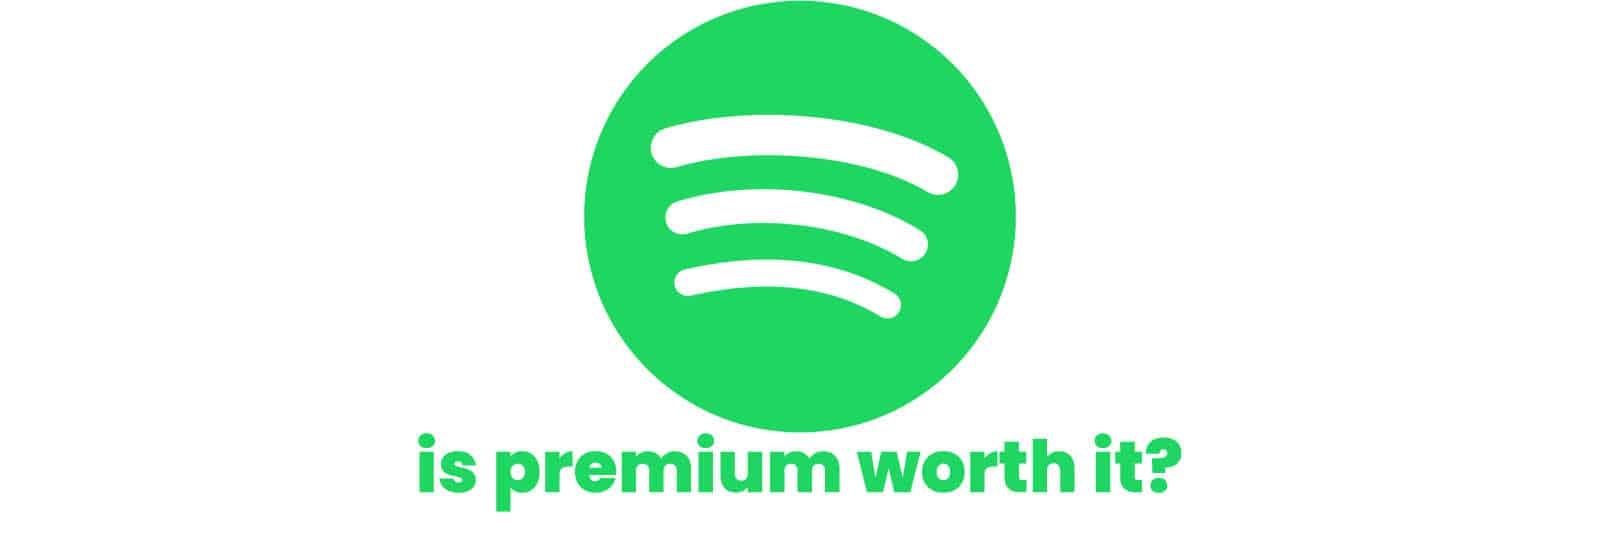 is-premium-worth-it